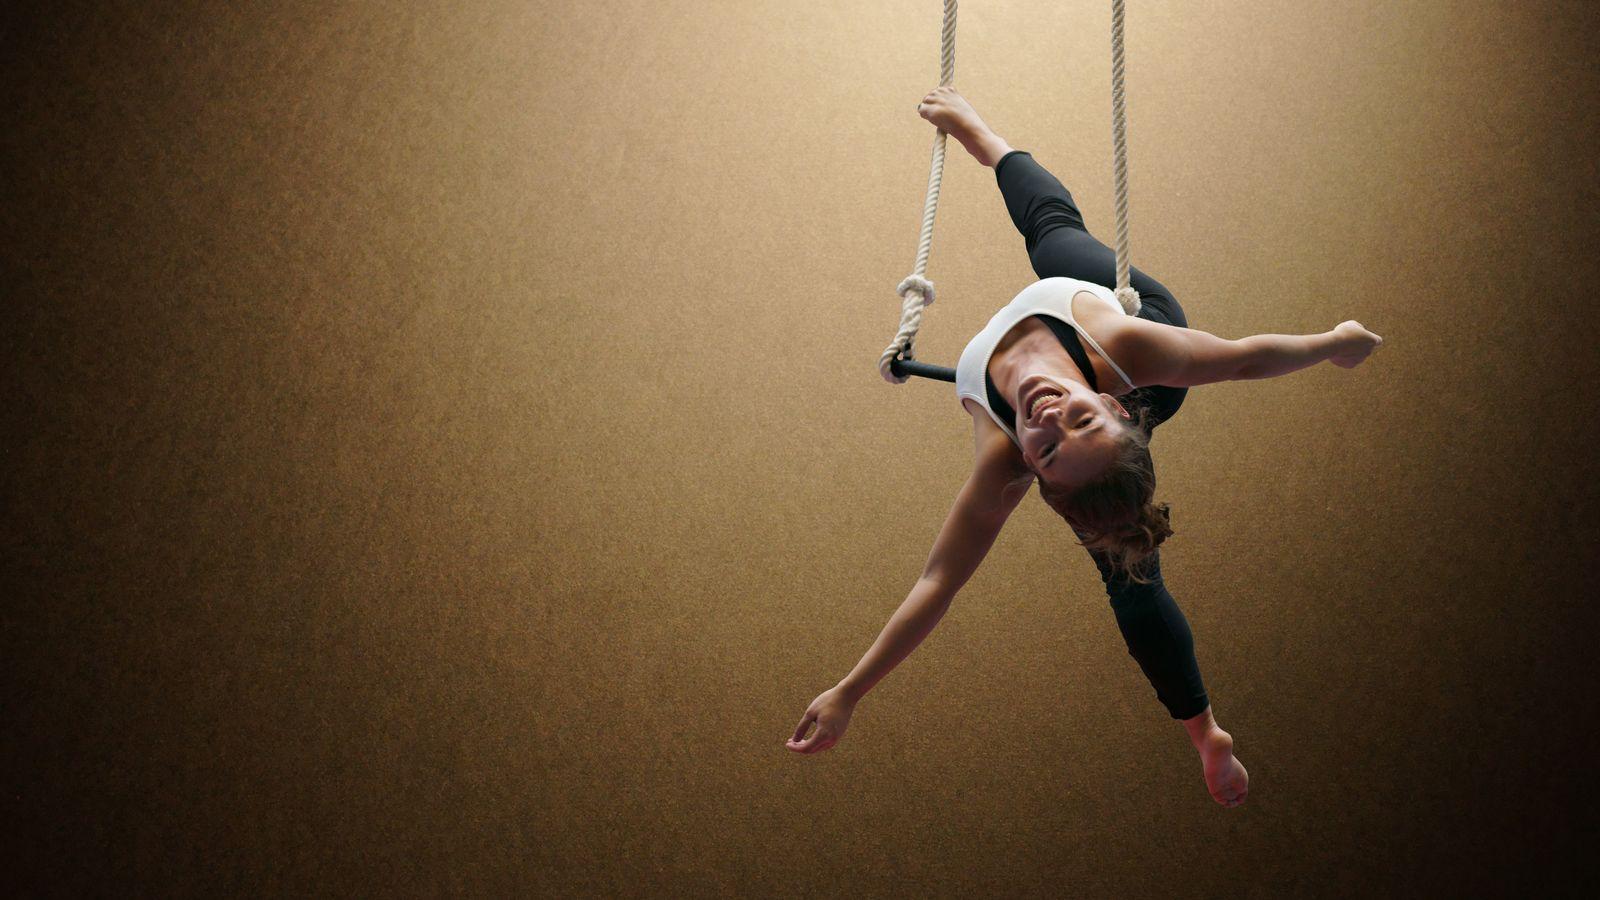 Margot est à plat dos sur la barre du trapèze d'Overground Circus. L'acrobate nous adresse un sourire magnifique en se retenant pas le pied à son agrès.